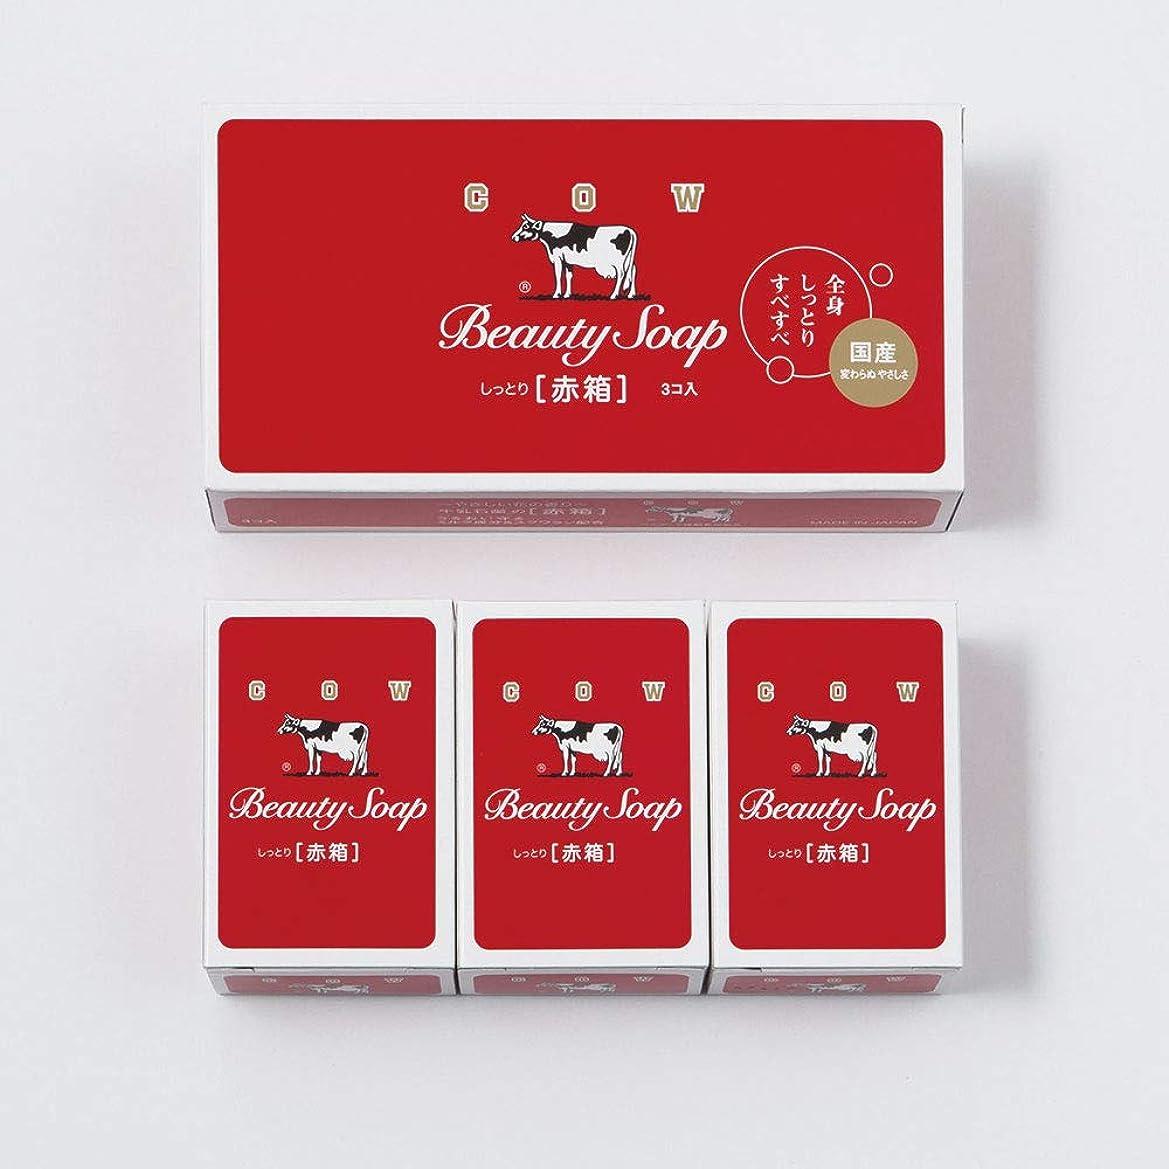 ぴかぴか算術刈り取る石けん 洗剤 入浴剤 牛乳石鹸赤箱(100g)3個入